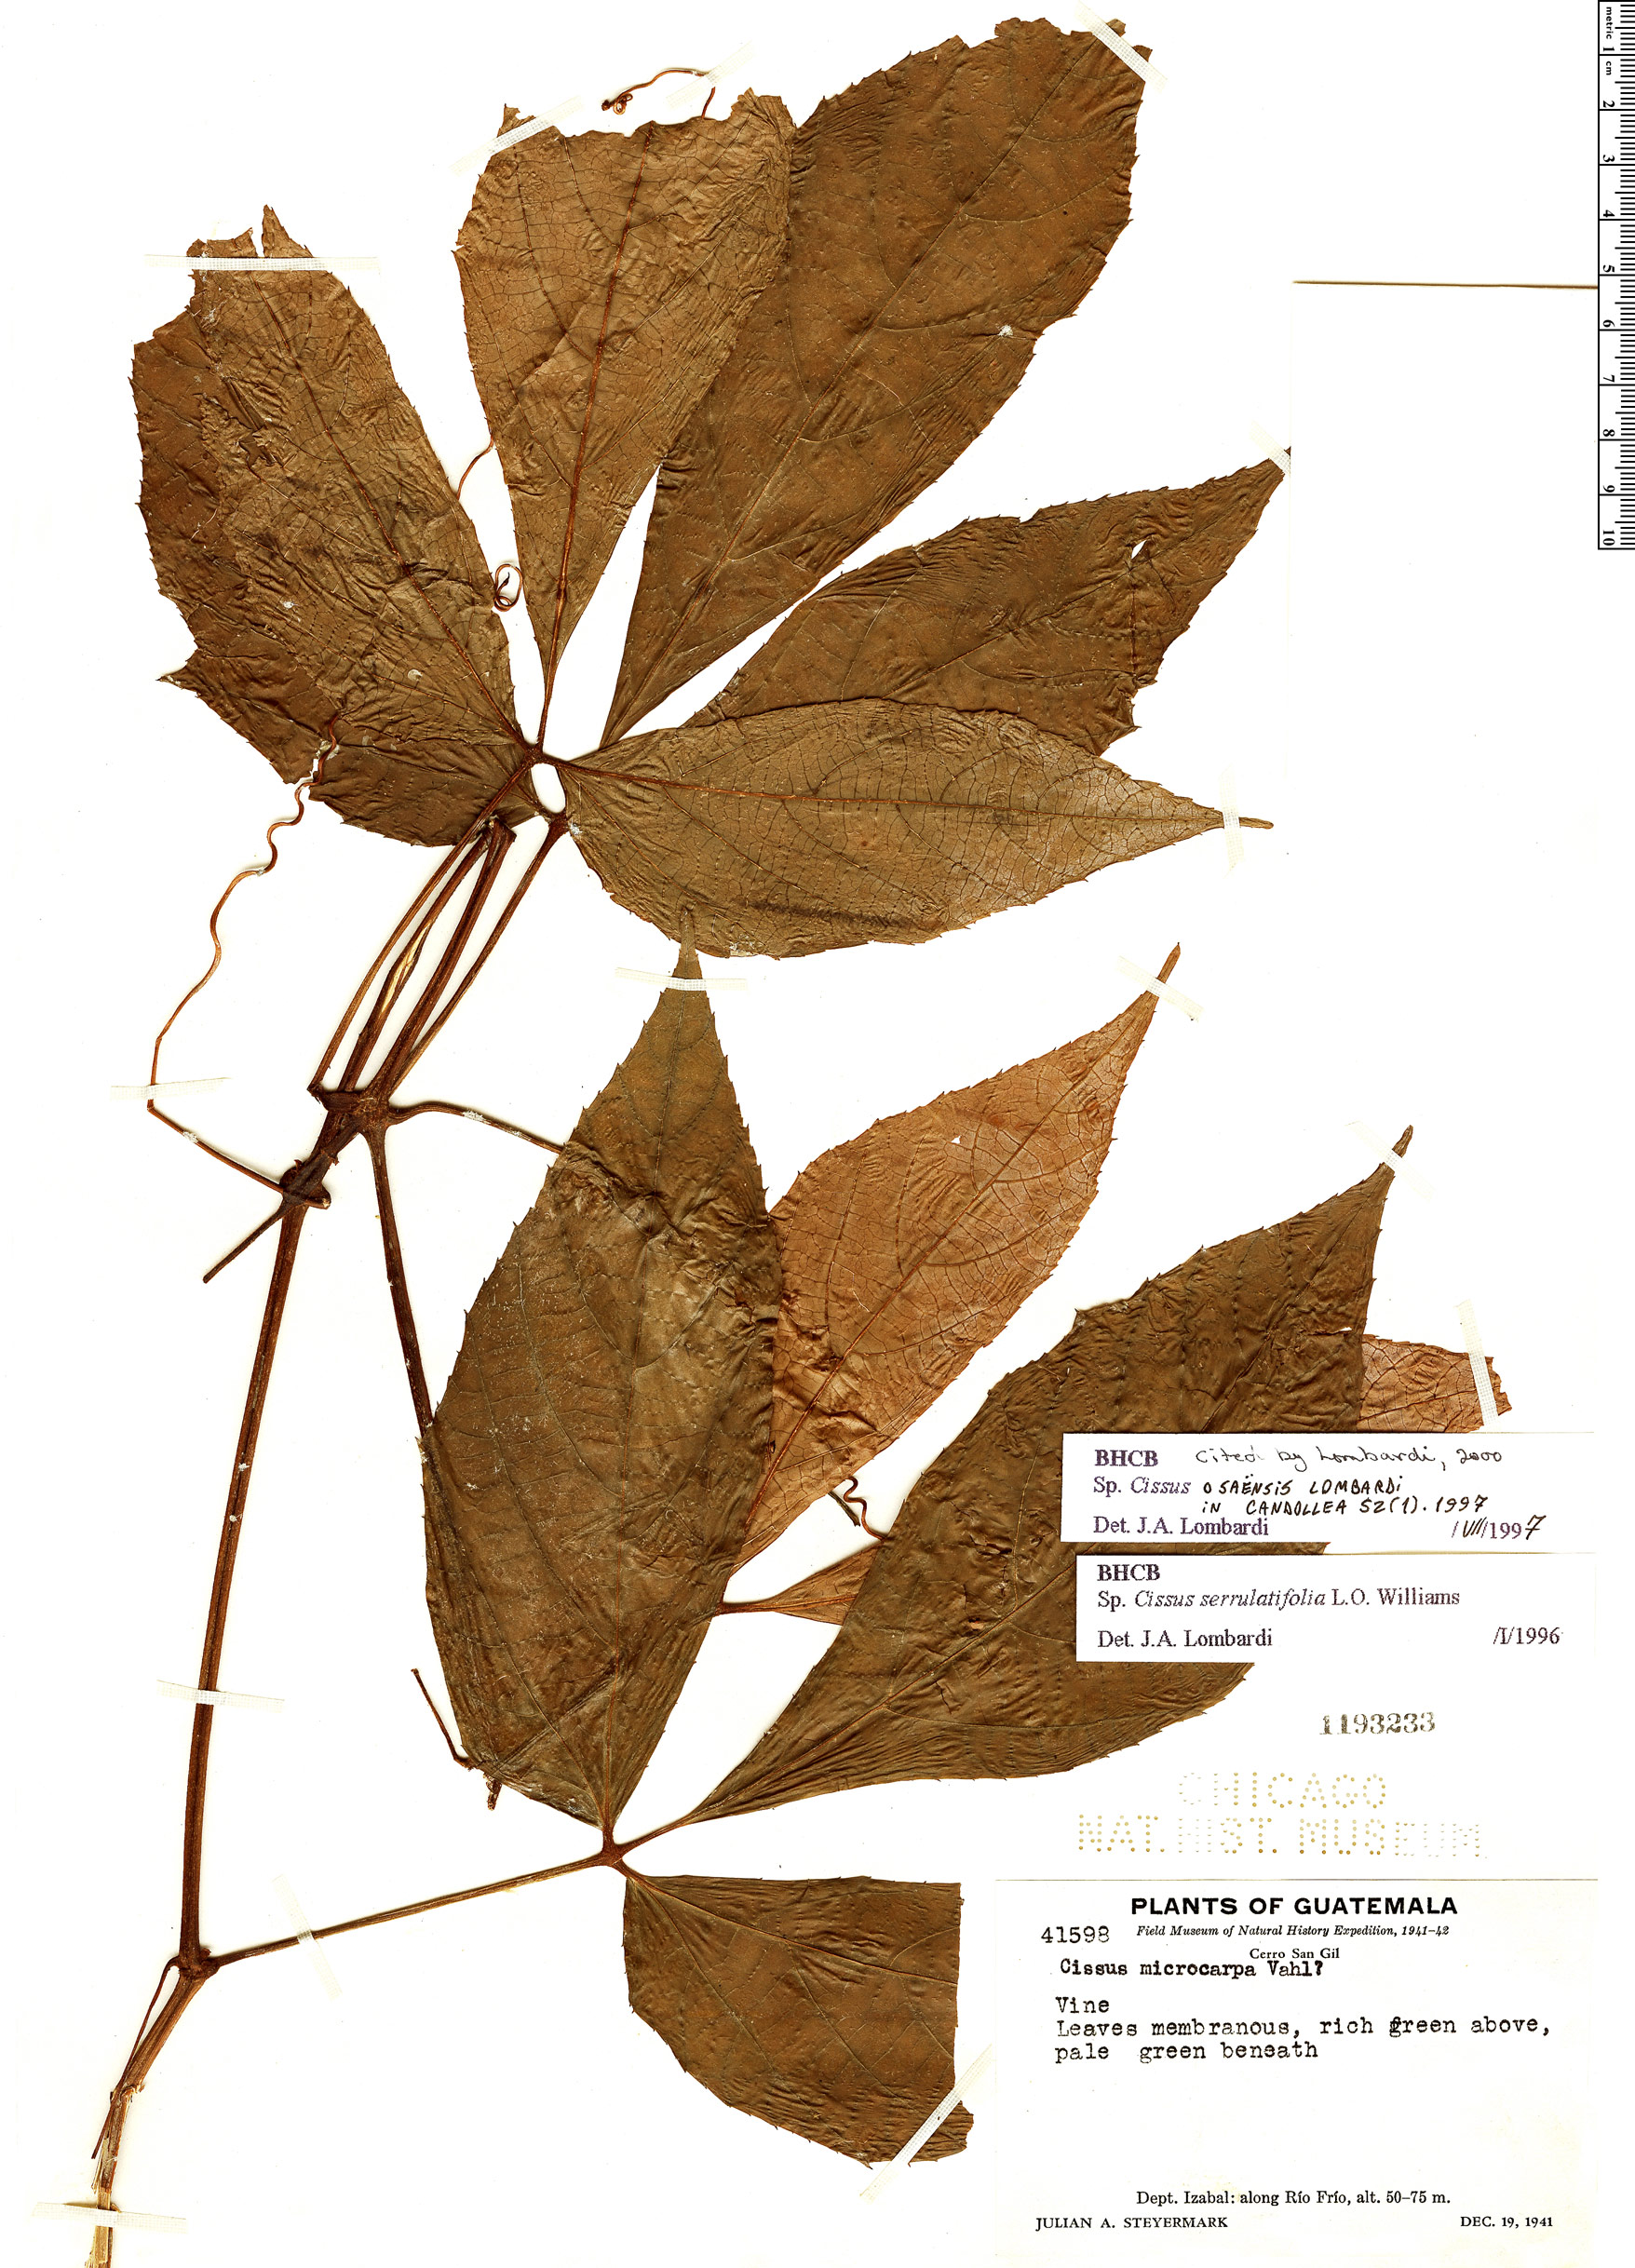 Specimen: Cissus osaensis